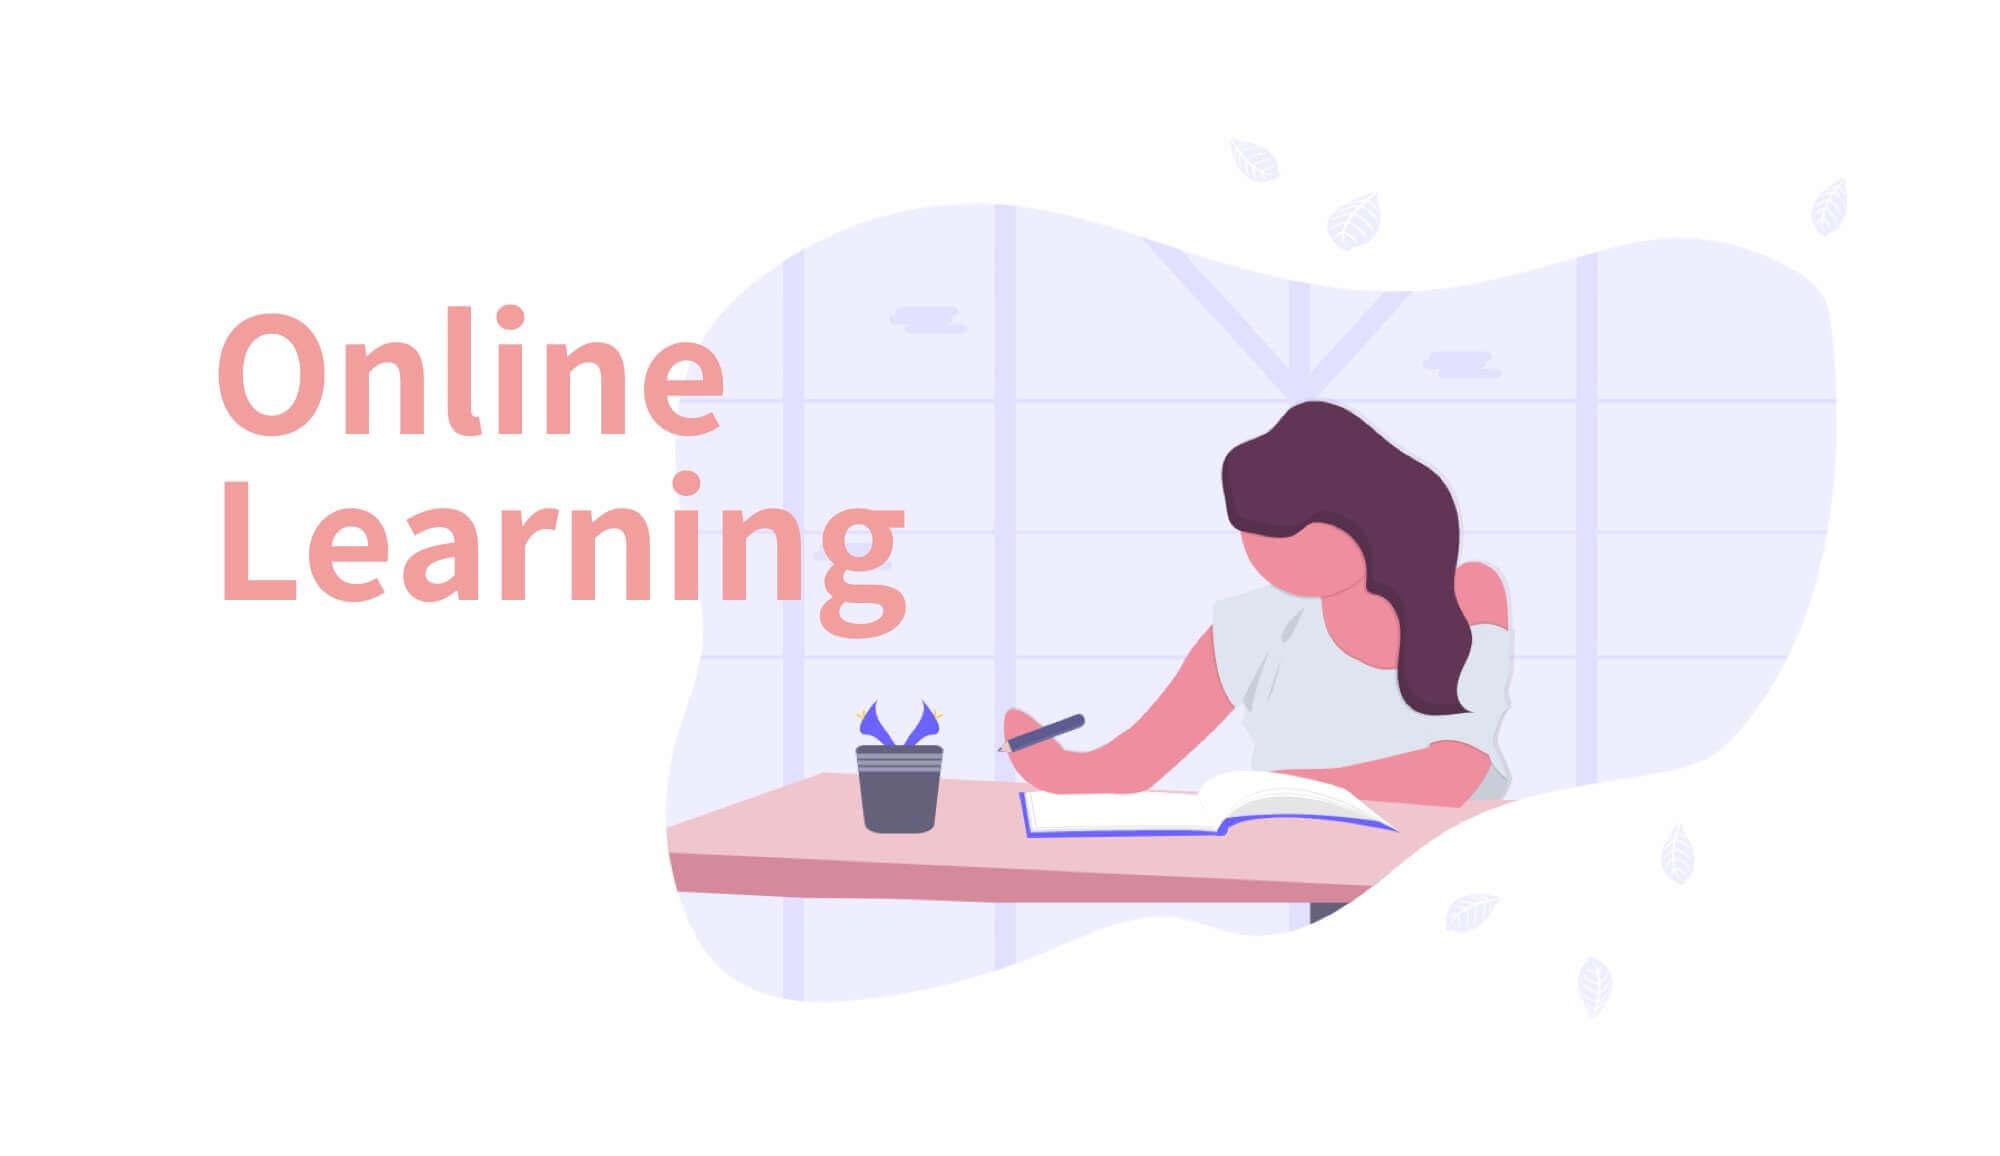 オンライン独学に使える学習サービスサイトまとめ